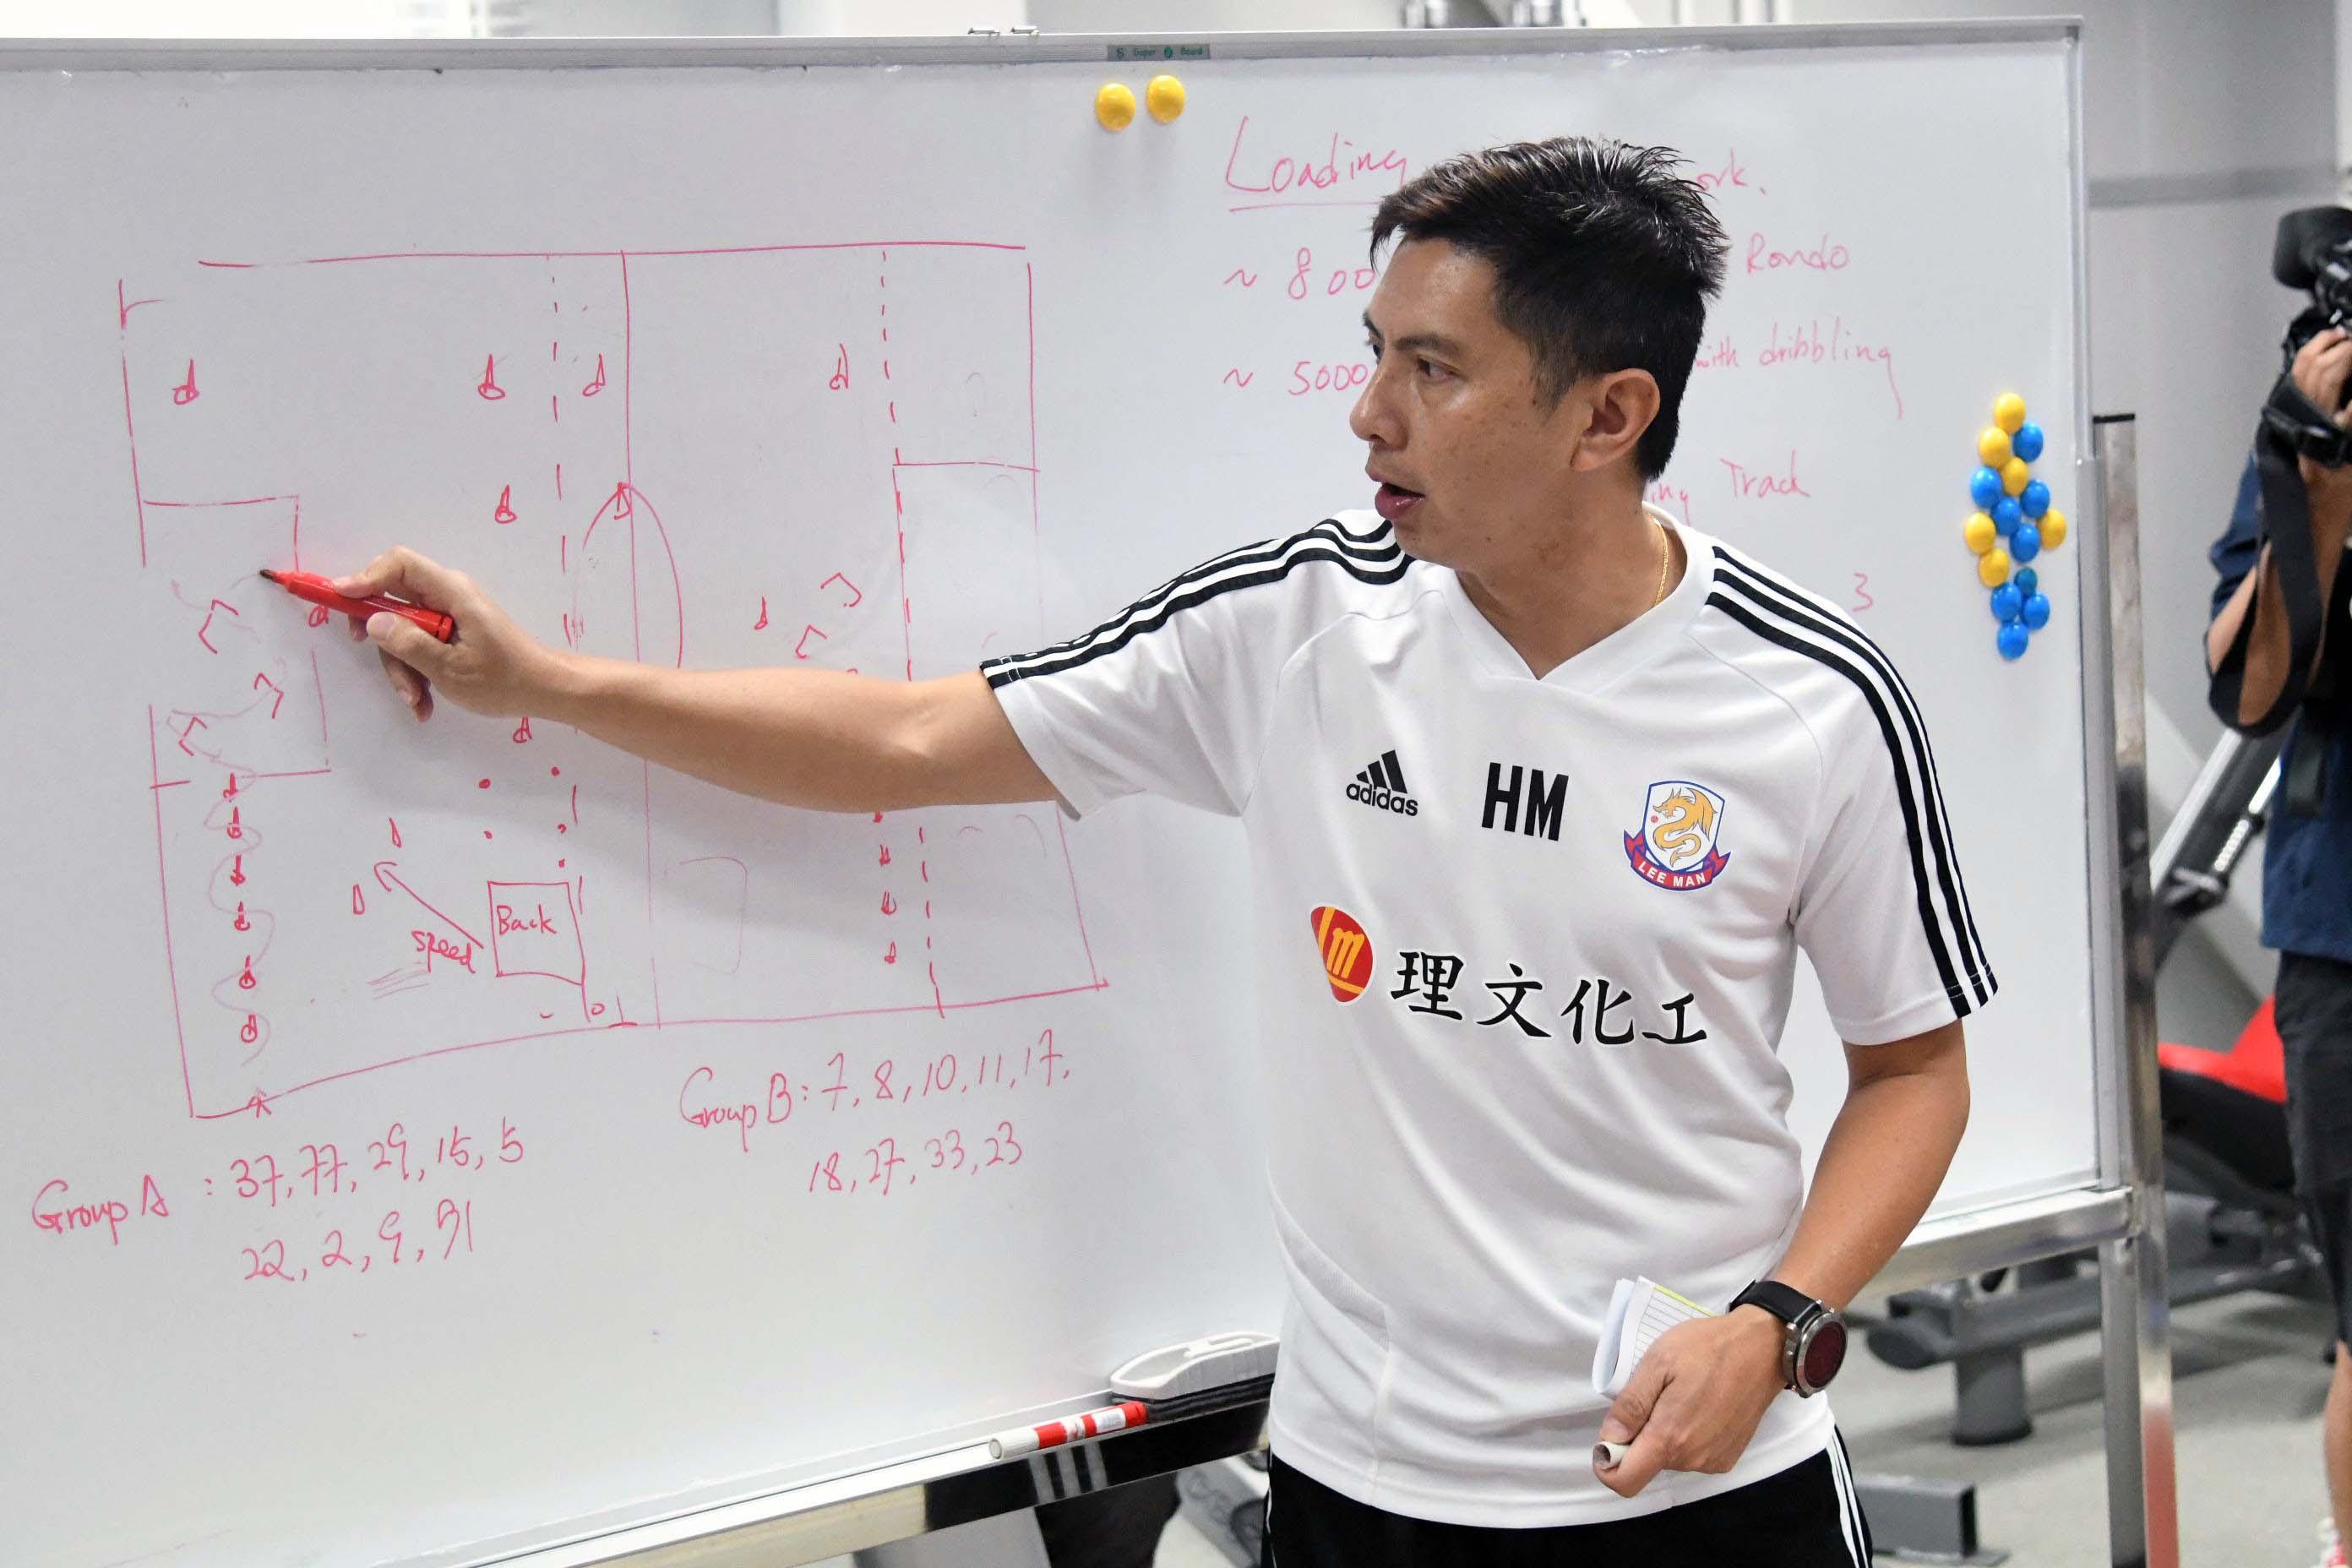 主教練陳曉明坦言目標提升港超成績之餘,更力求衛冕菁英盃。 郭晉朗攝